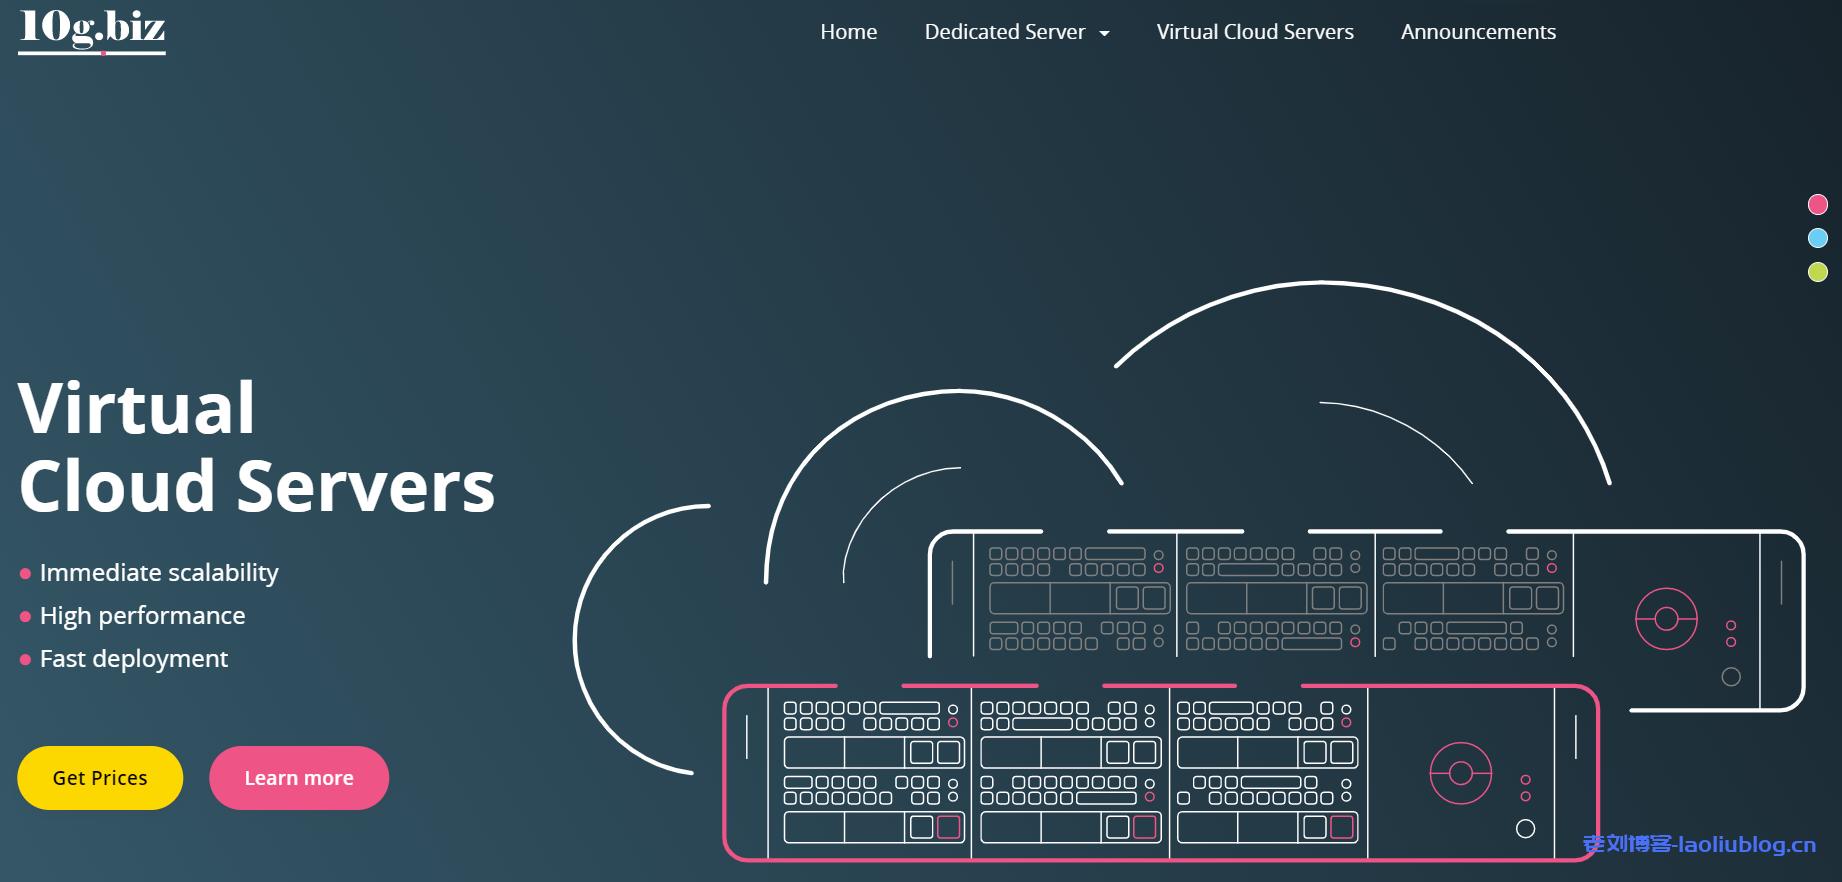 10gbiz四月促销:洛杉矶cn2 gia不限流量200M带宽站群服务器7折优惠,1核1G内存10G SSD硬盘15M带宽cn2 gia vps 4折优惠低至$3.58/月